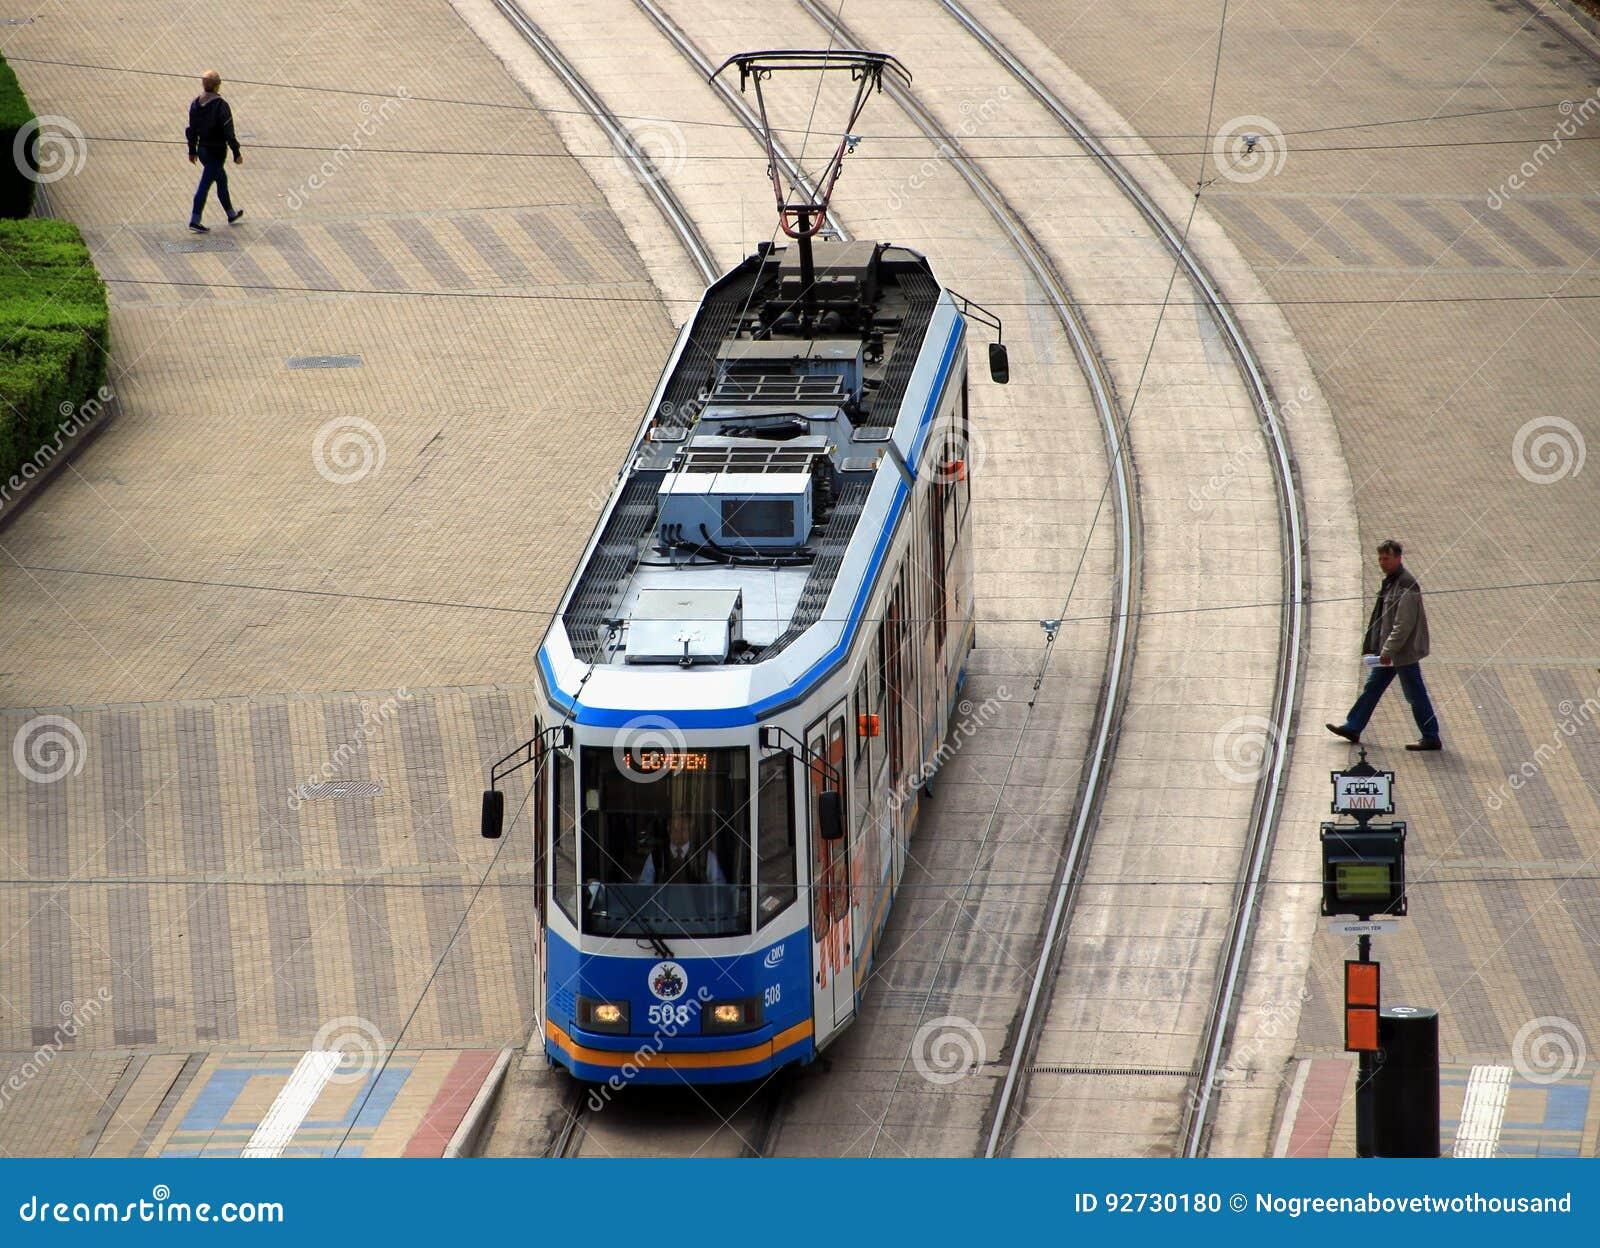 Tranvía moderna de Ganz en Debrecen, Hungría